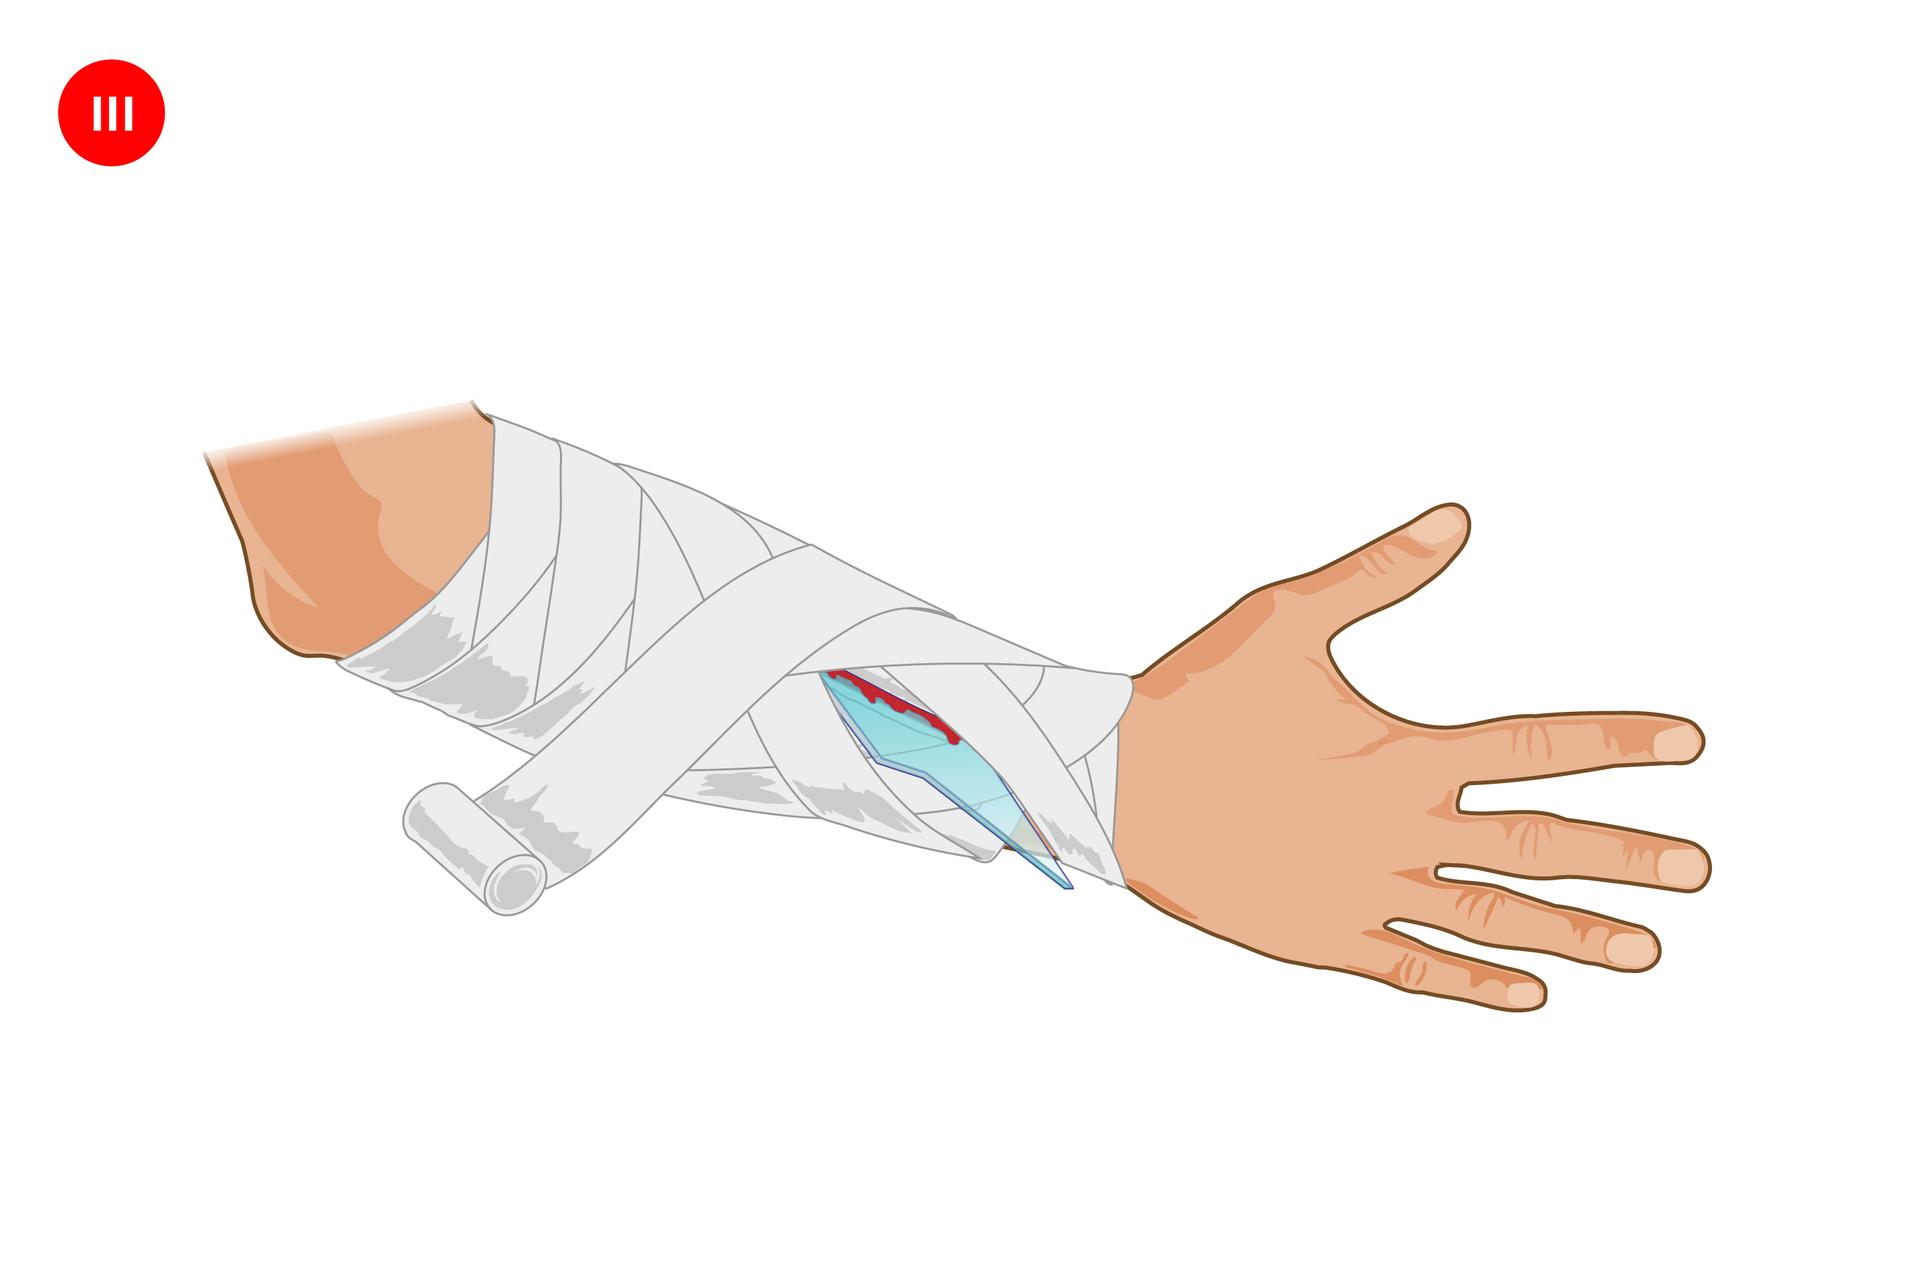 Galeria składa się ztrzech ilustracji prezentujących sposób opatrywania rany zciałem obcym. We wszystkich trzech przypadkach na ilustracji prezentowana jest prawa ręka skierowana zewnętrzną stroną do obserwatora, zwyprostowanymi palcami po prawej stronie. Powyżej nadgarstka podłużne miejsce zranienia zwbitym kawałkiem szkła tkwiącym pionowo wranie. Na trzecim obrazku rana jest zabandażowana wraz zcałym przedramieniem . Bandaż nawinięty wstylu na kłos.